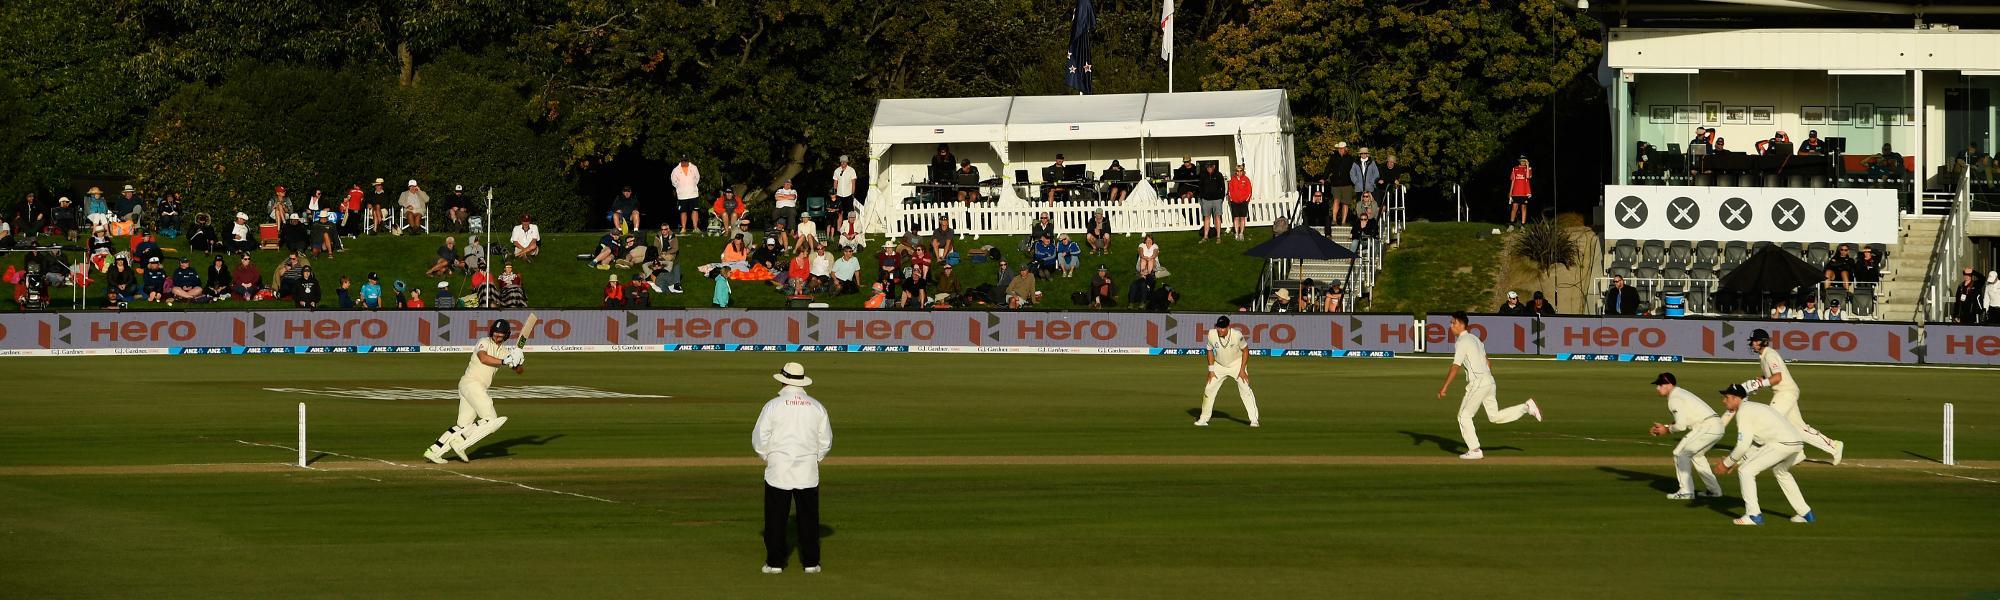 Hagley Oval, Christchurch